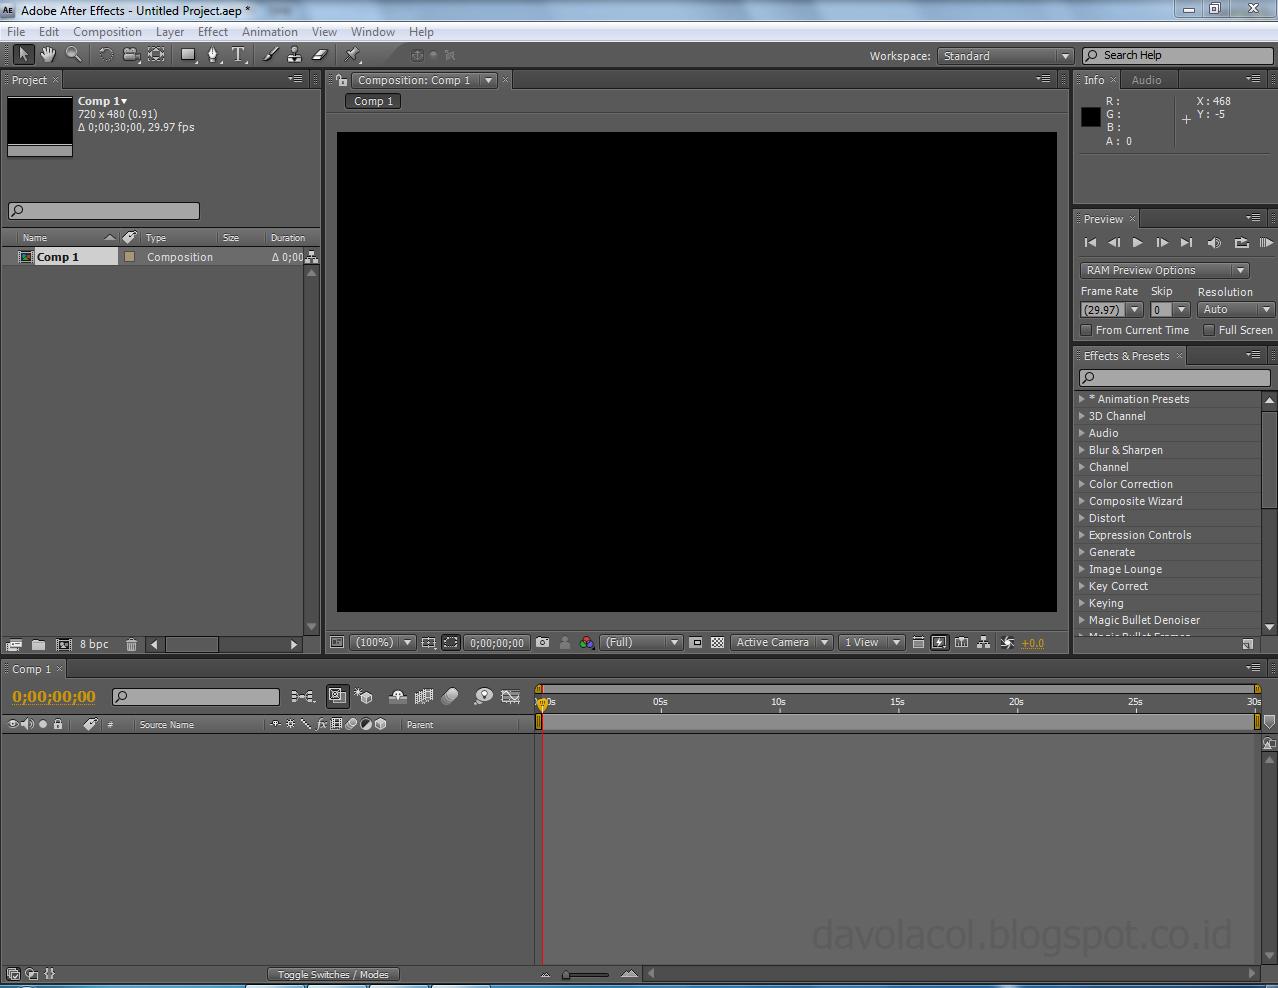 Adobe photoshop cs4 keygen